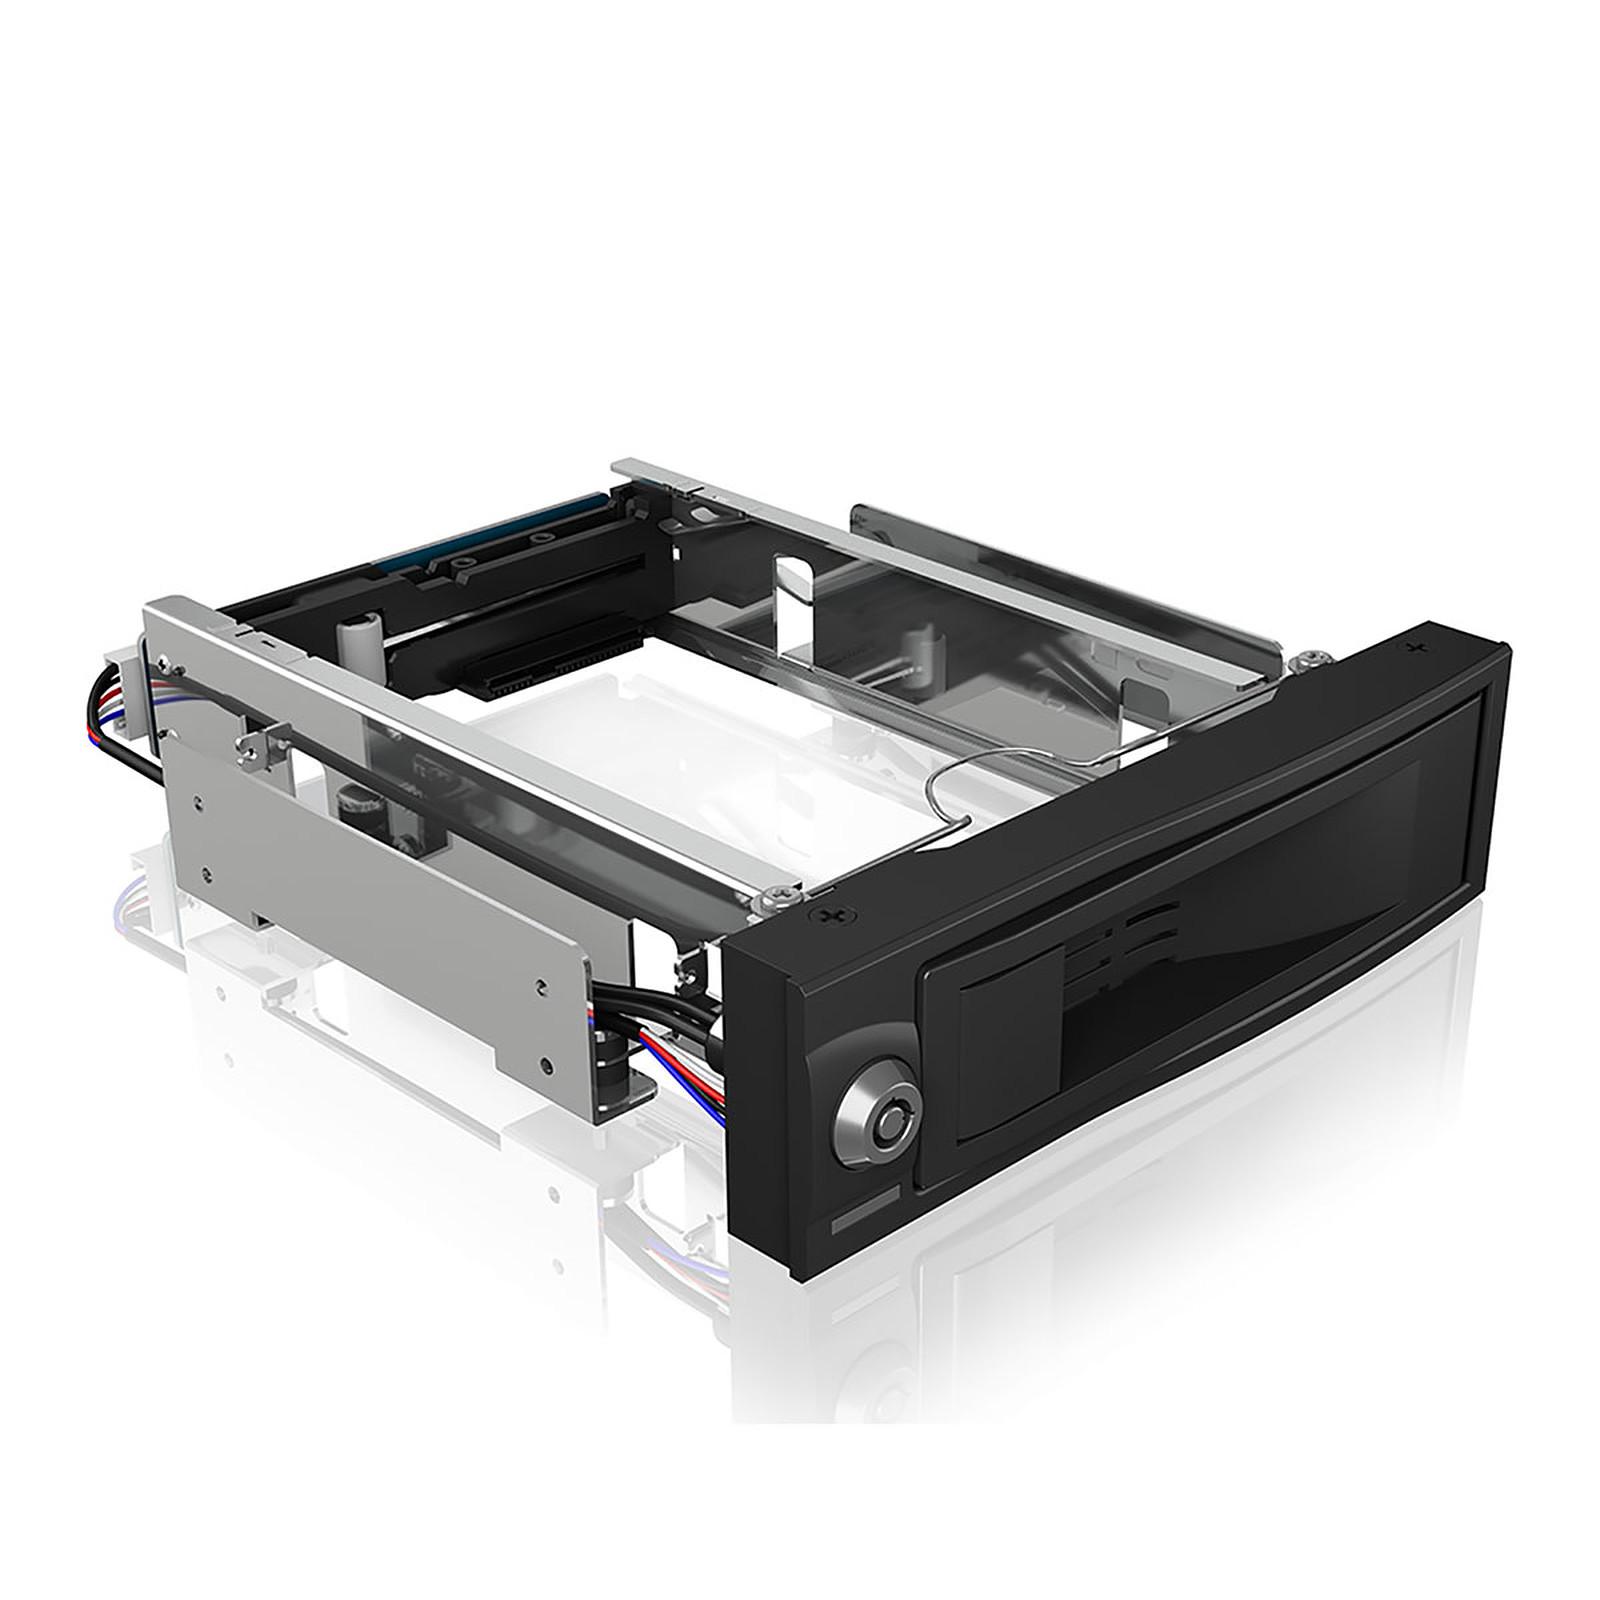 ICY BOX IB-167SSK